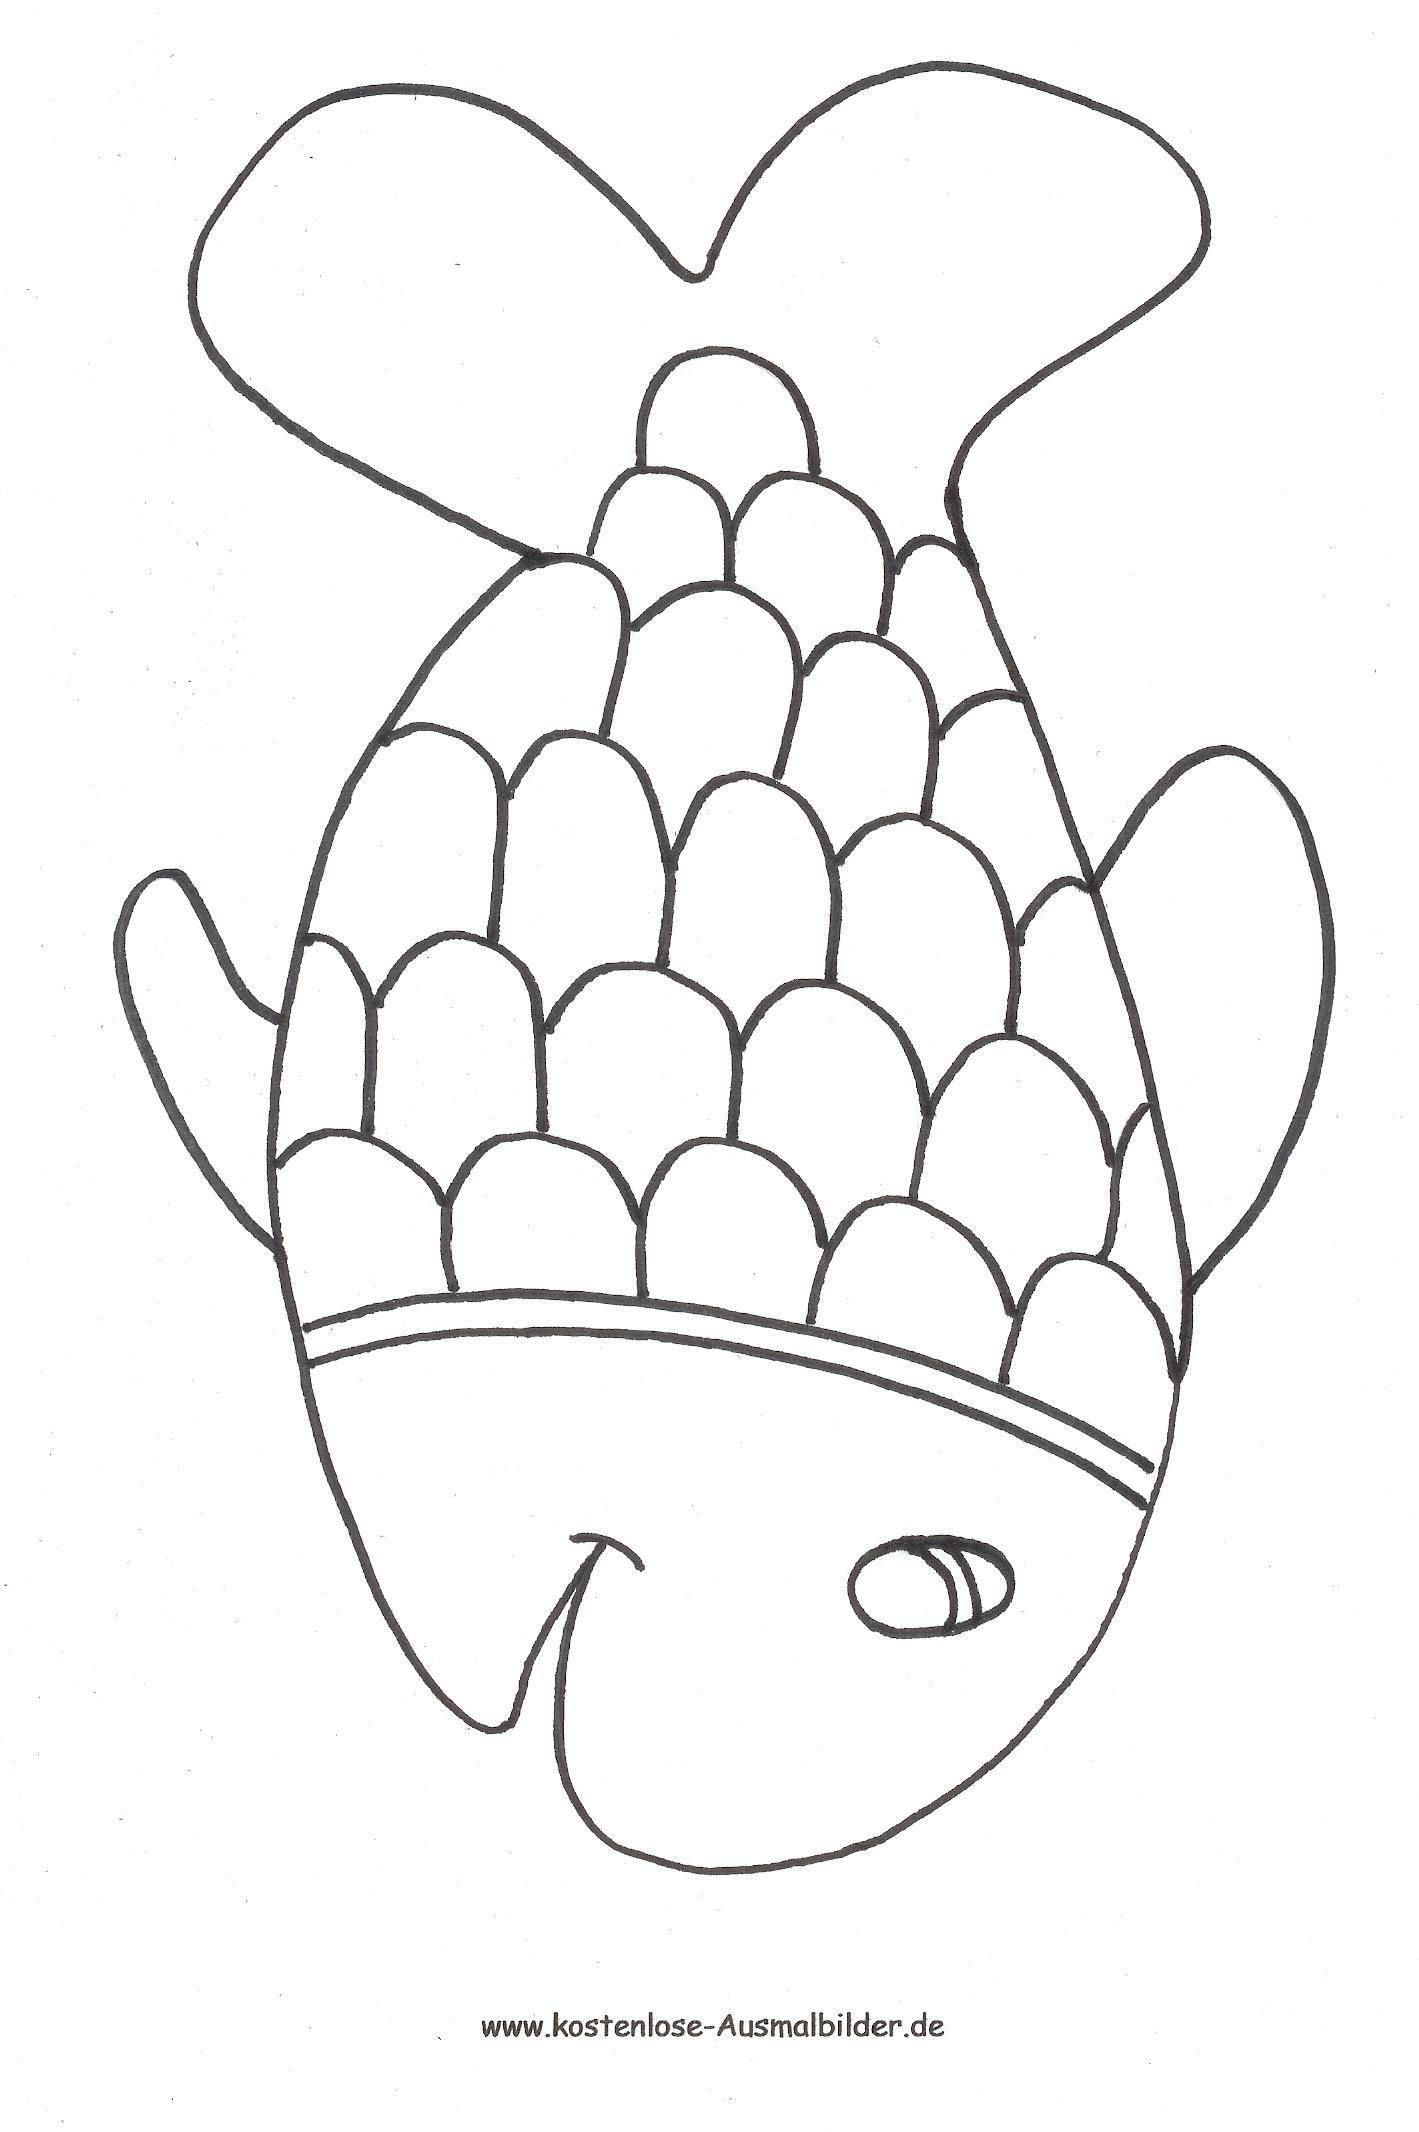 Ausmalbild Fisch 1 Zum Ausdrucken verwandt mit Fisch Ausmalen